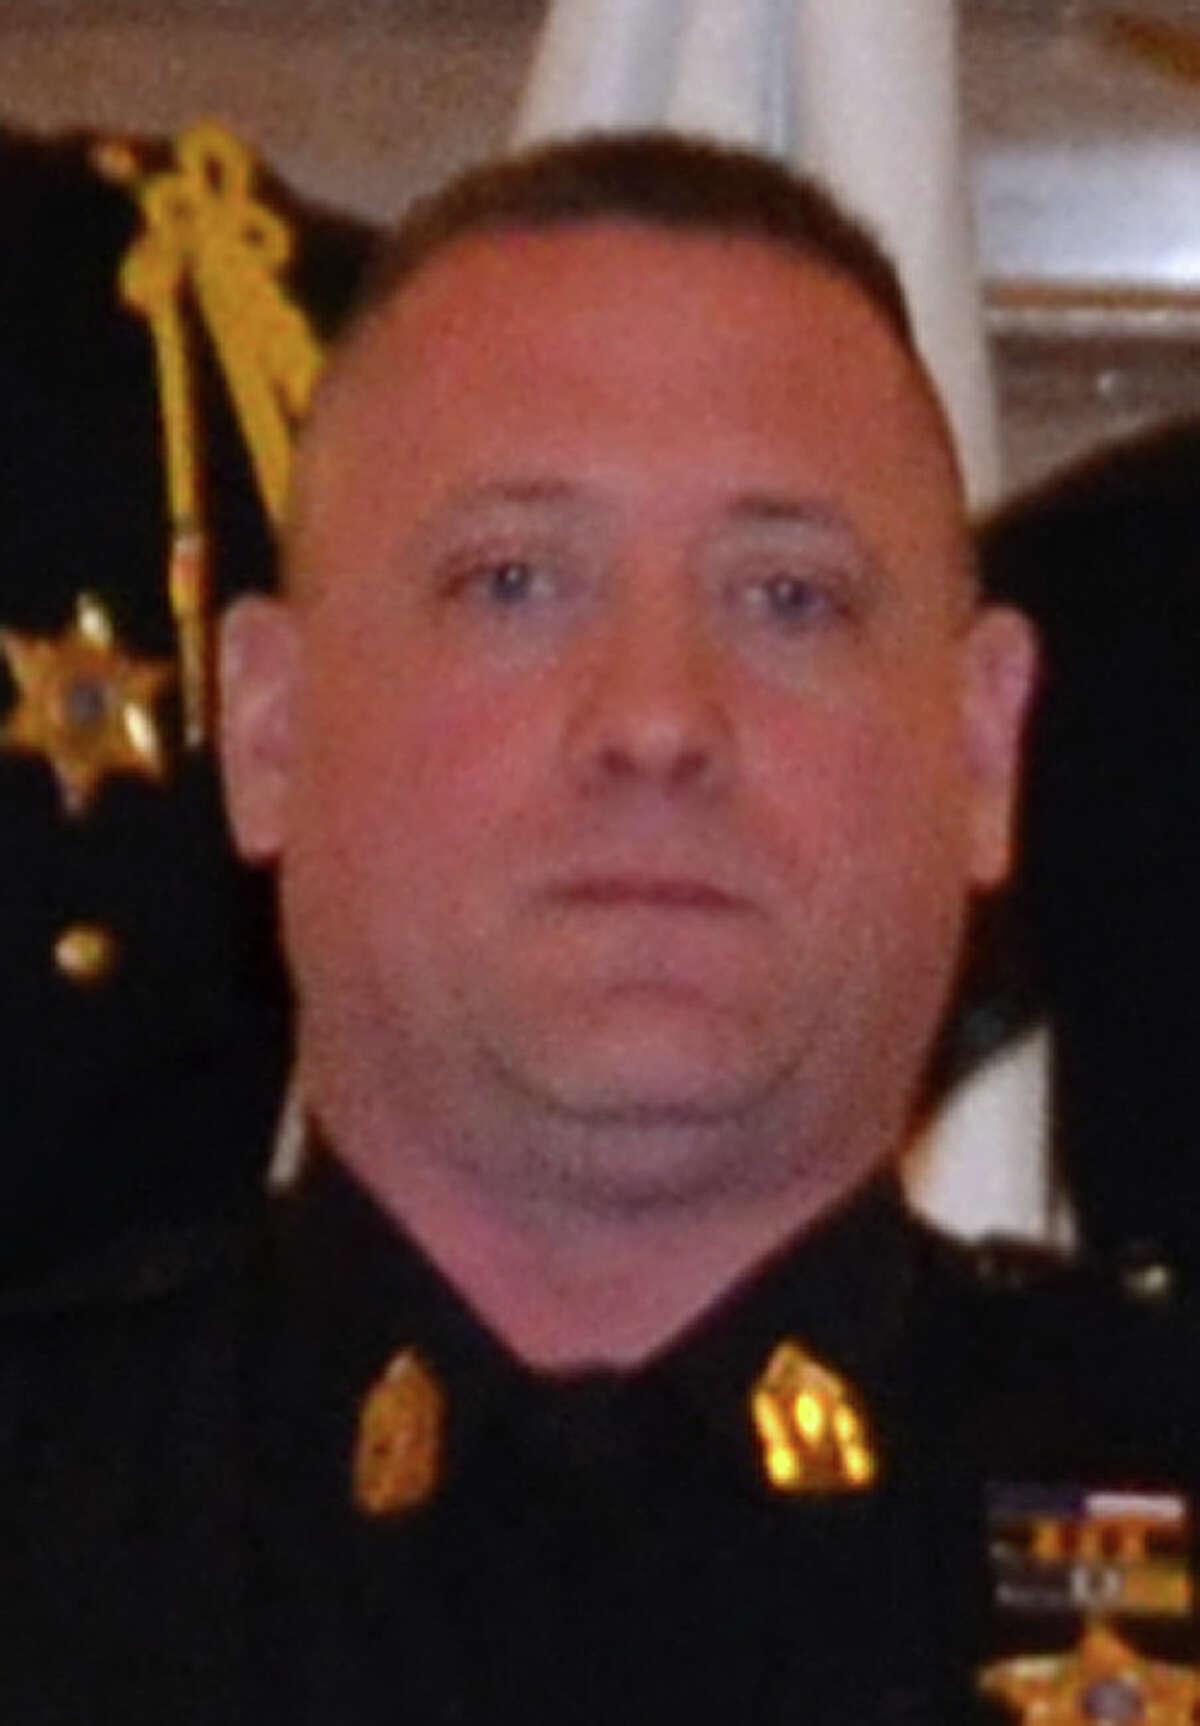 Martin Zaloga (Photo provided by Albany County Sheriff's Office)